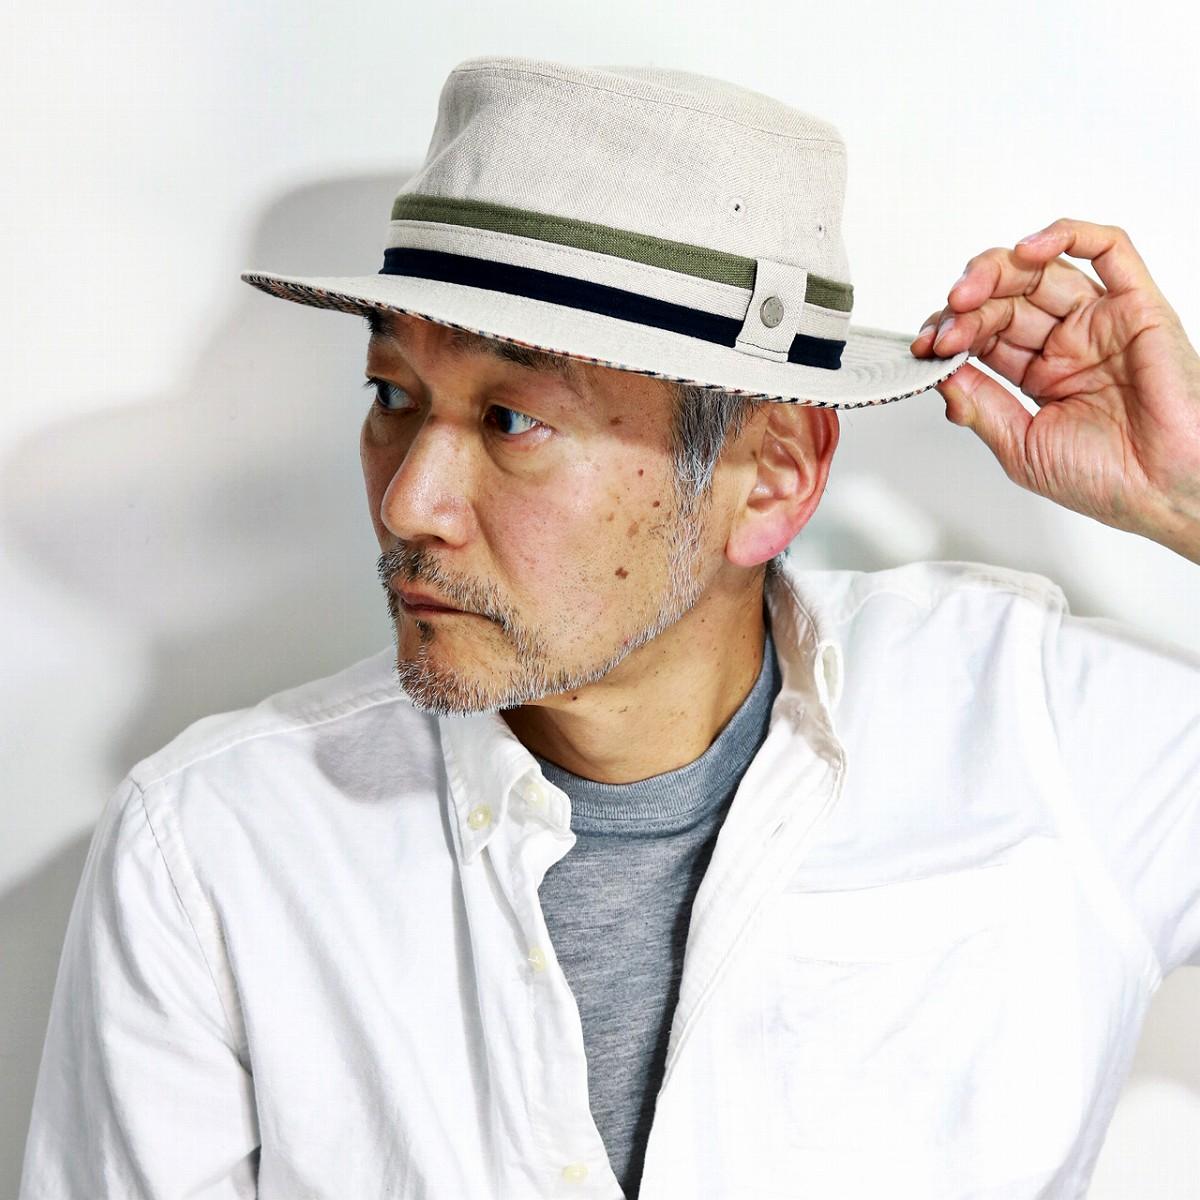 ダックス ハット メンズ 春 夏 帽子 大きいサイズ 61cmあり サファリハット 麻 リネン daks バケットハット M L XL 3Lイギリス ブランド ハット 紳士 サイズ調整機能付き チェック ナチュラル [ bucket hat ]父の日 プレゼント ギフト ラッピング無料